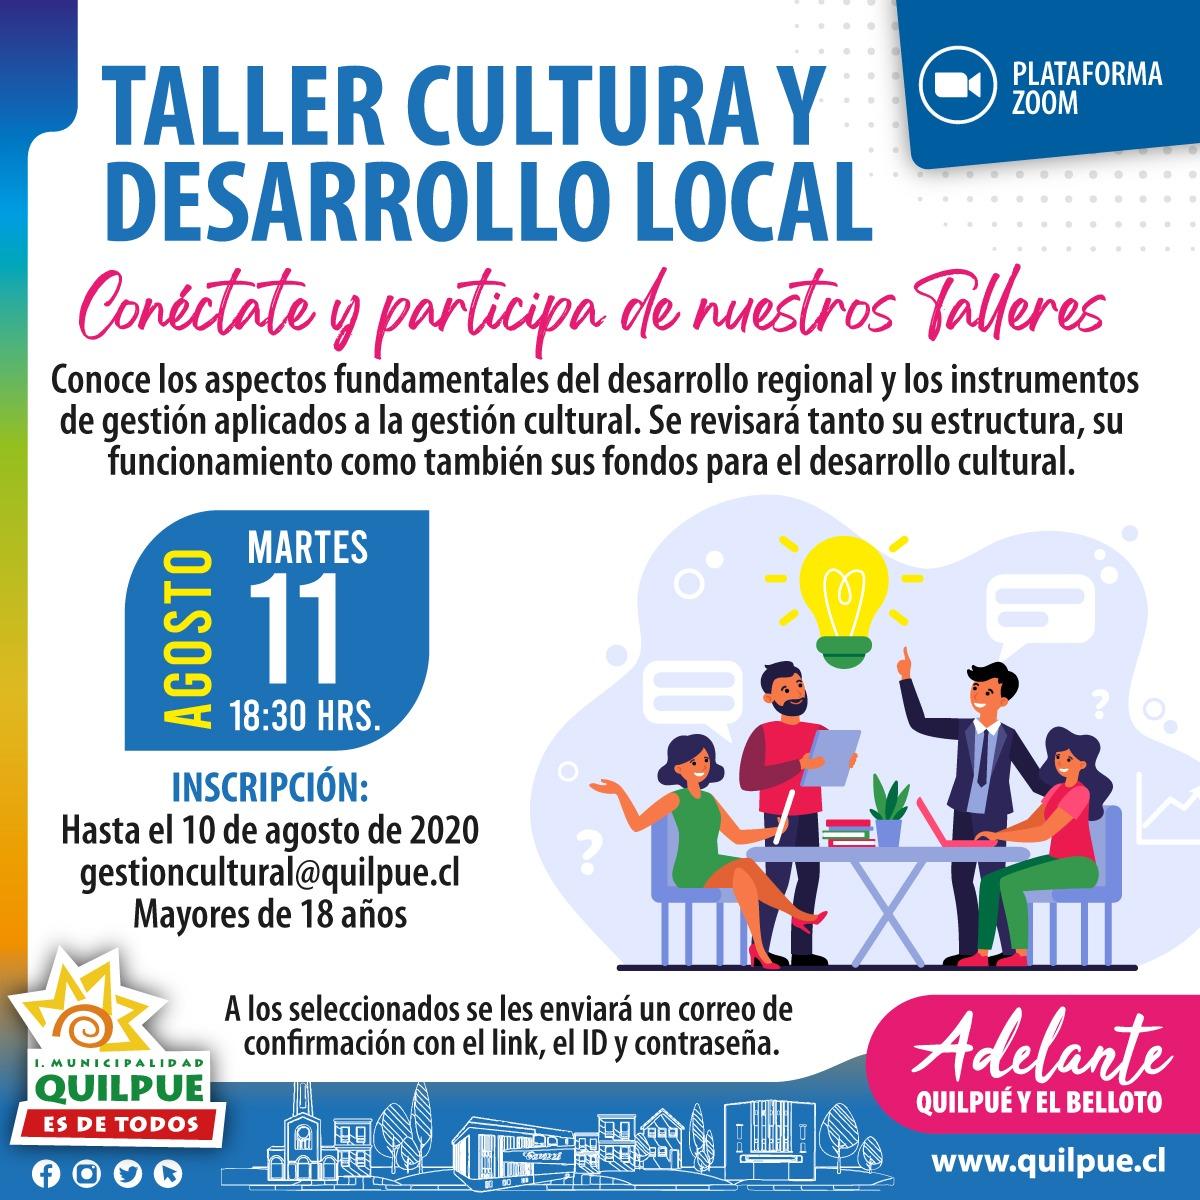 Taller Cultura y Desarrollo Local